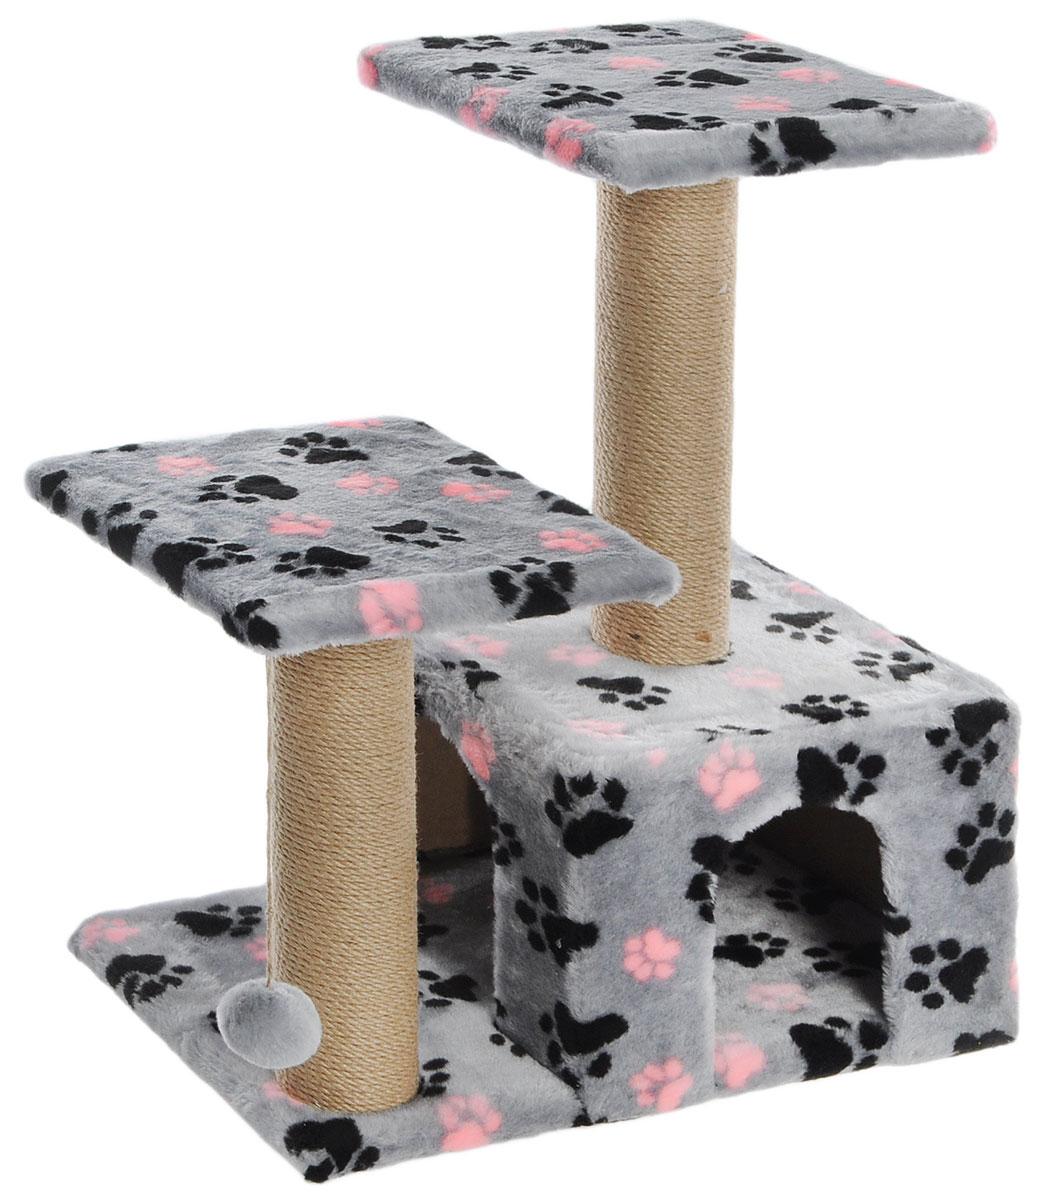 Игровой комплекс Гамма для кошек, двухуровневый, цвет: серый, 570 х 350 х 770 ммЩг-18700слапЭтот функциональный игровой комплекс для кошек станет любимым местом ваших питомцев. Комплекс состоит из двух джутовых столбиков, каждый диаметром 80мм, с двумя разноуровневыми платформами (300х300мм). Дополняет изделие уютный домик с просторным входом и мягкая игрушка на резинке. Размер основания: 570х350мм.